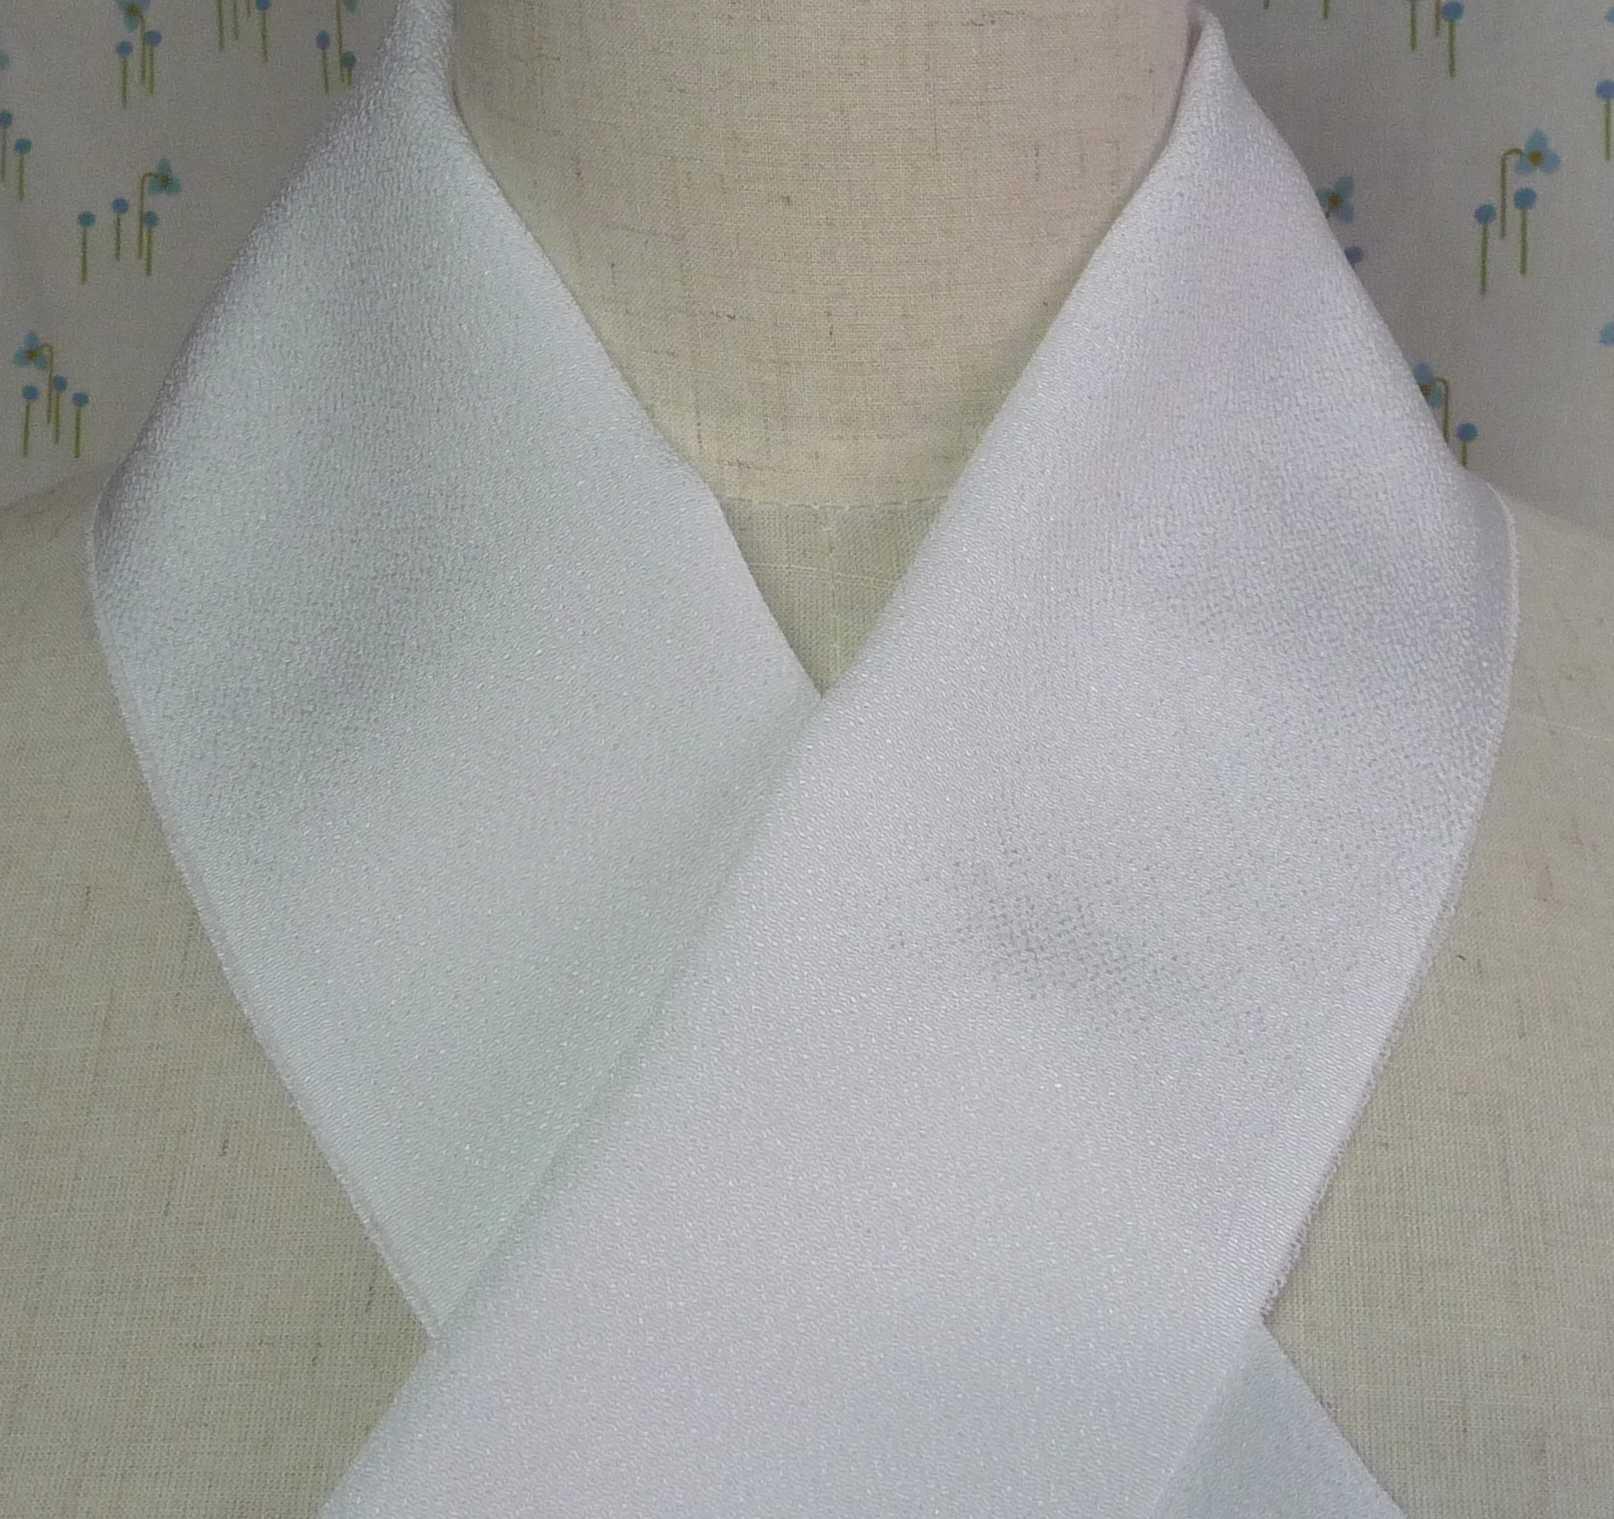 絹100% 小さな縮緬シボの半襟 【アウトレット半額!】 正絹半衿